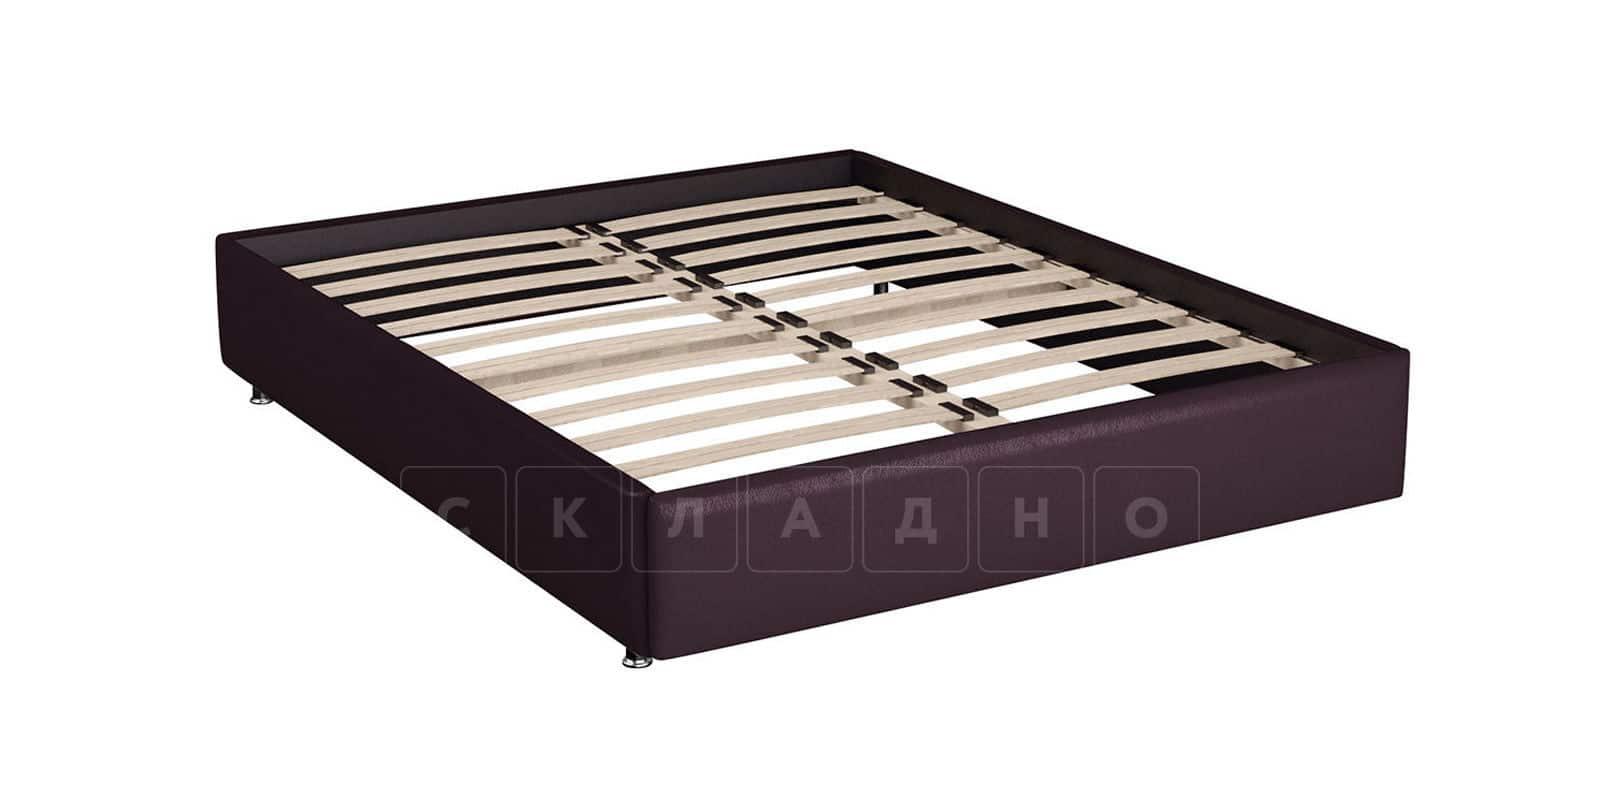 Мягкая кровать Малибу 160см экокожа бежевый-шоколад вариант 8-2 фото 5 | интернет-магазин Складно